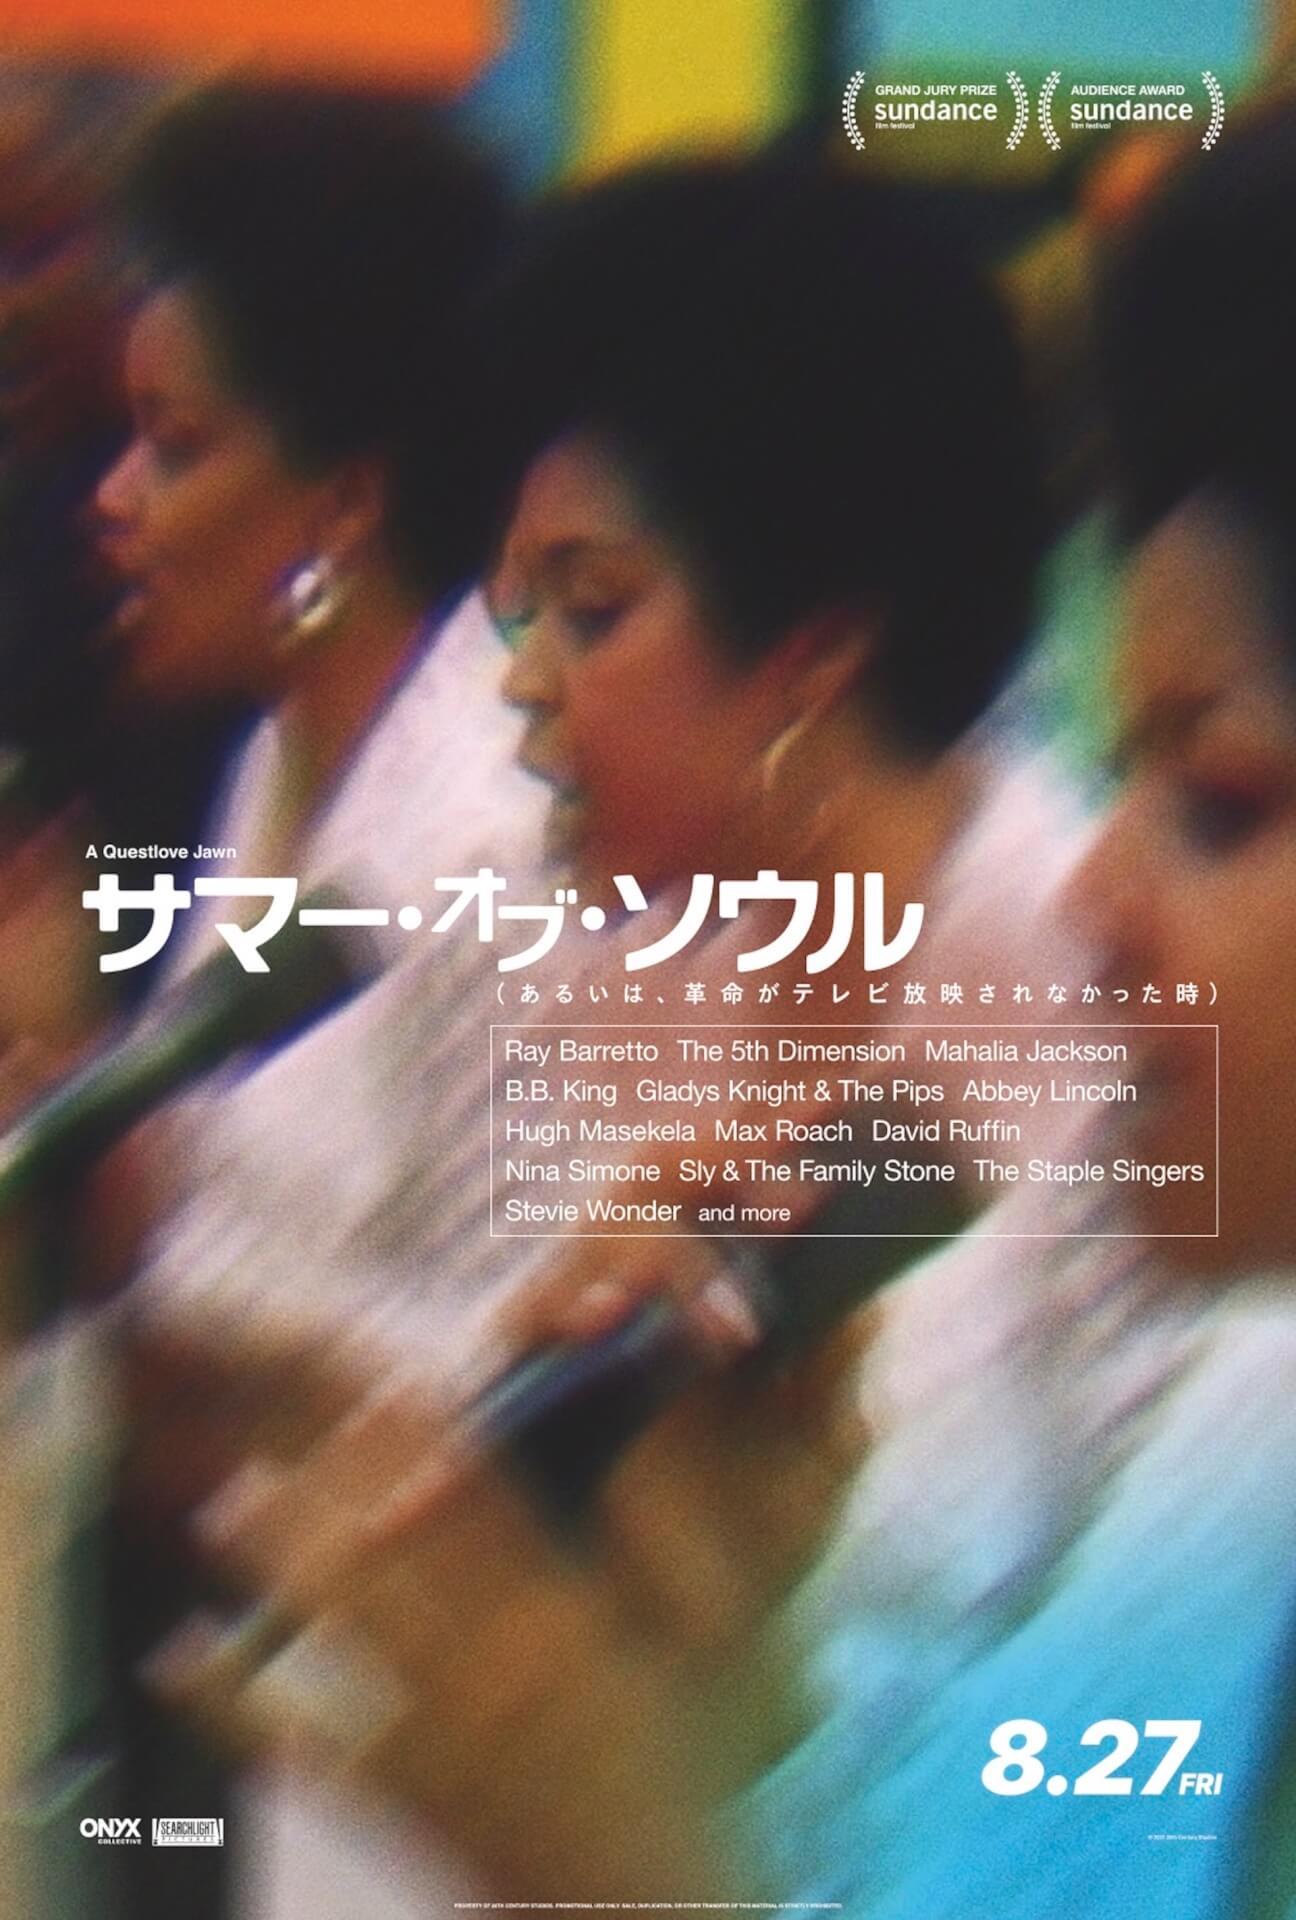 B.B.キング、グラディス・ナイト、ニーナ・シモンらのパフォーマンスシーンを切り取った『サマー・オブ・ソウル』のポスター13種類が一挙解禁! film210721_summerofsoul_4